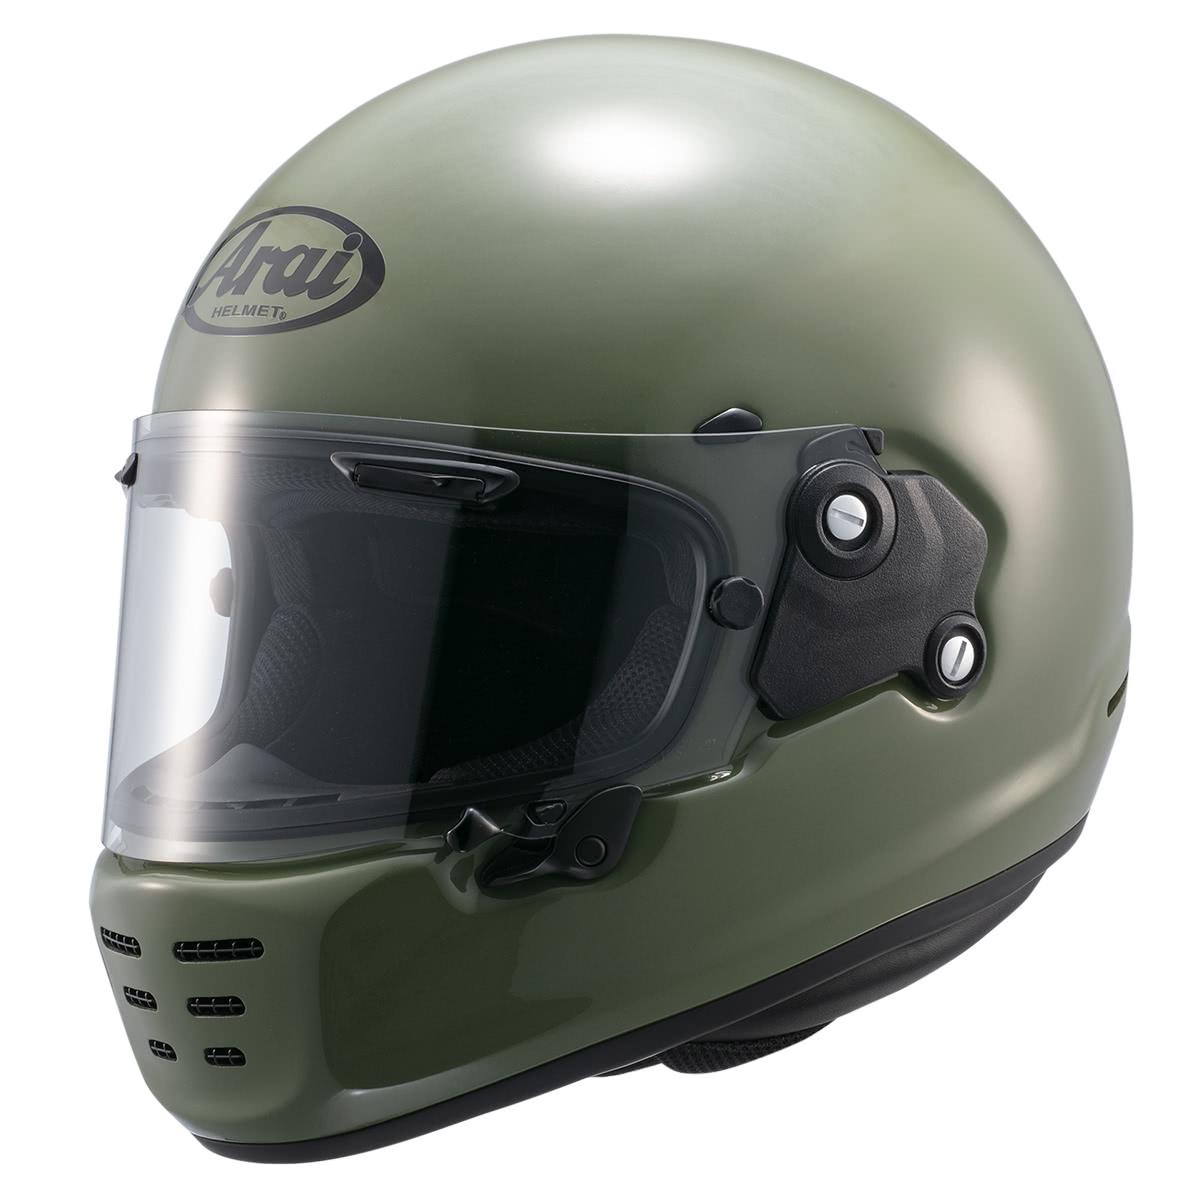 Arai アライヘルメット〈南海オリジナル〉RAPIDE-NEO LTD モスグリーン  フルフェイスヘルメット